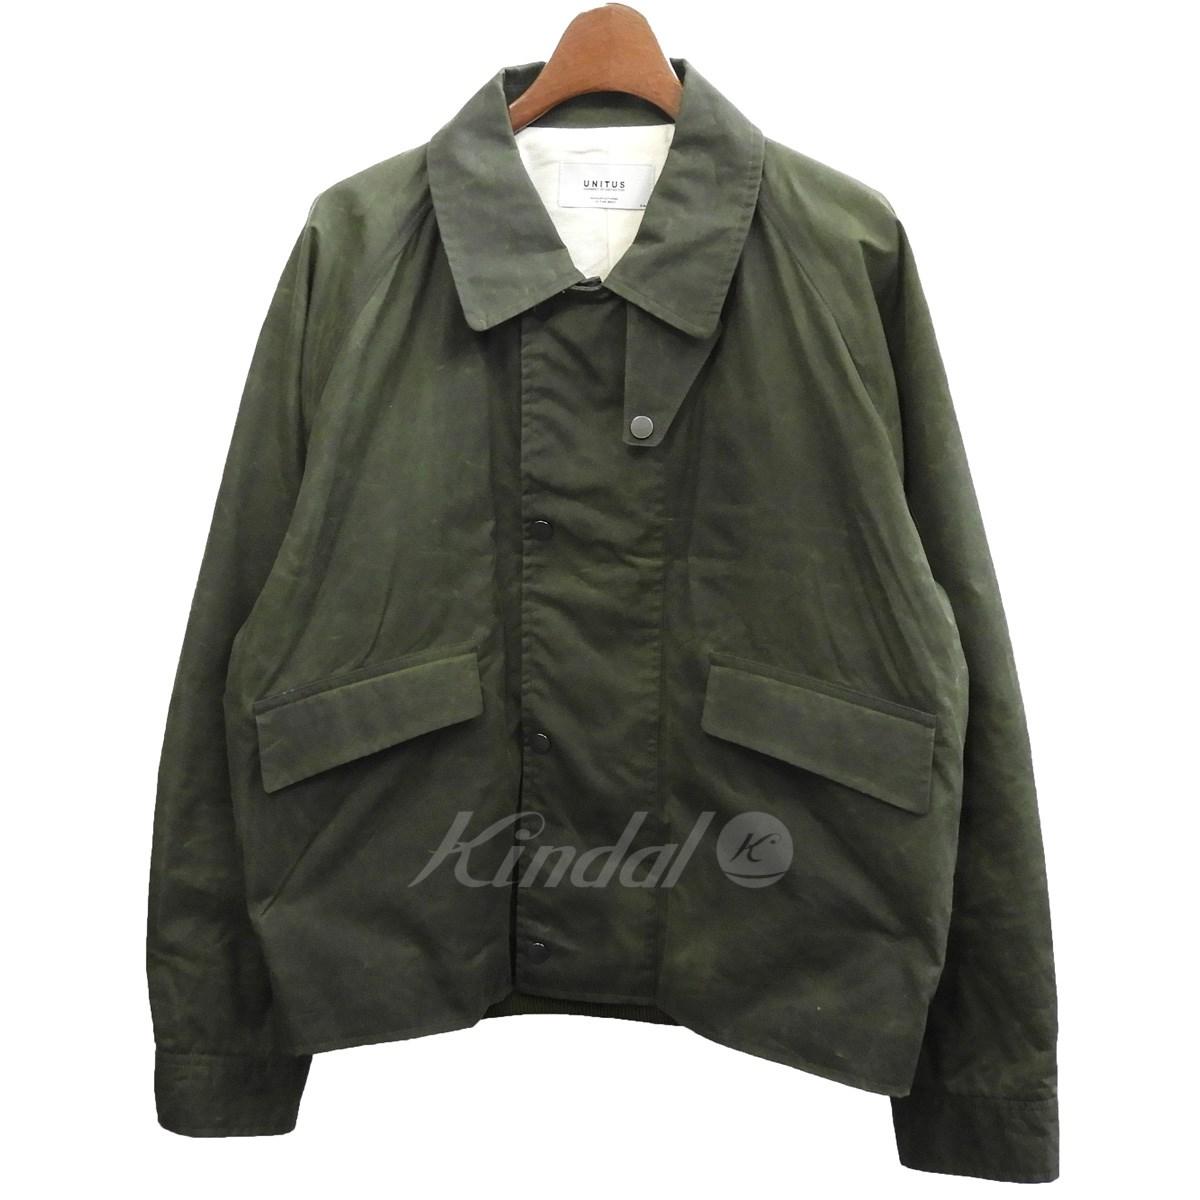 【中古】UNITUS オイルドジャケット カーキ サイズ:3 【送料無料】 【281018】(ユナイタス)